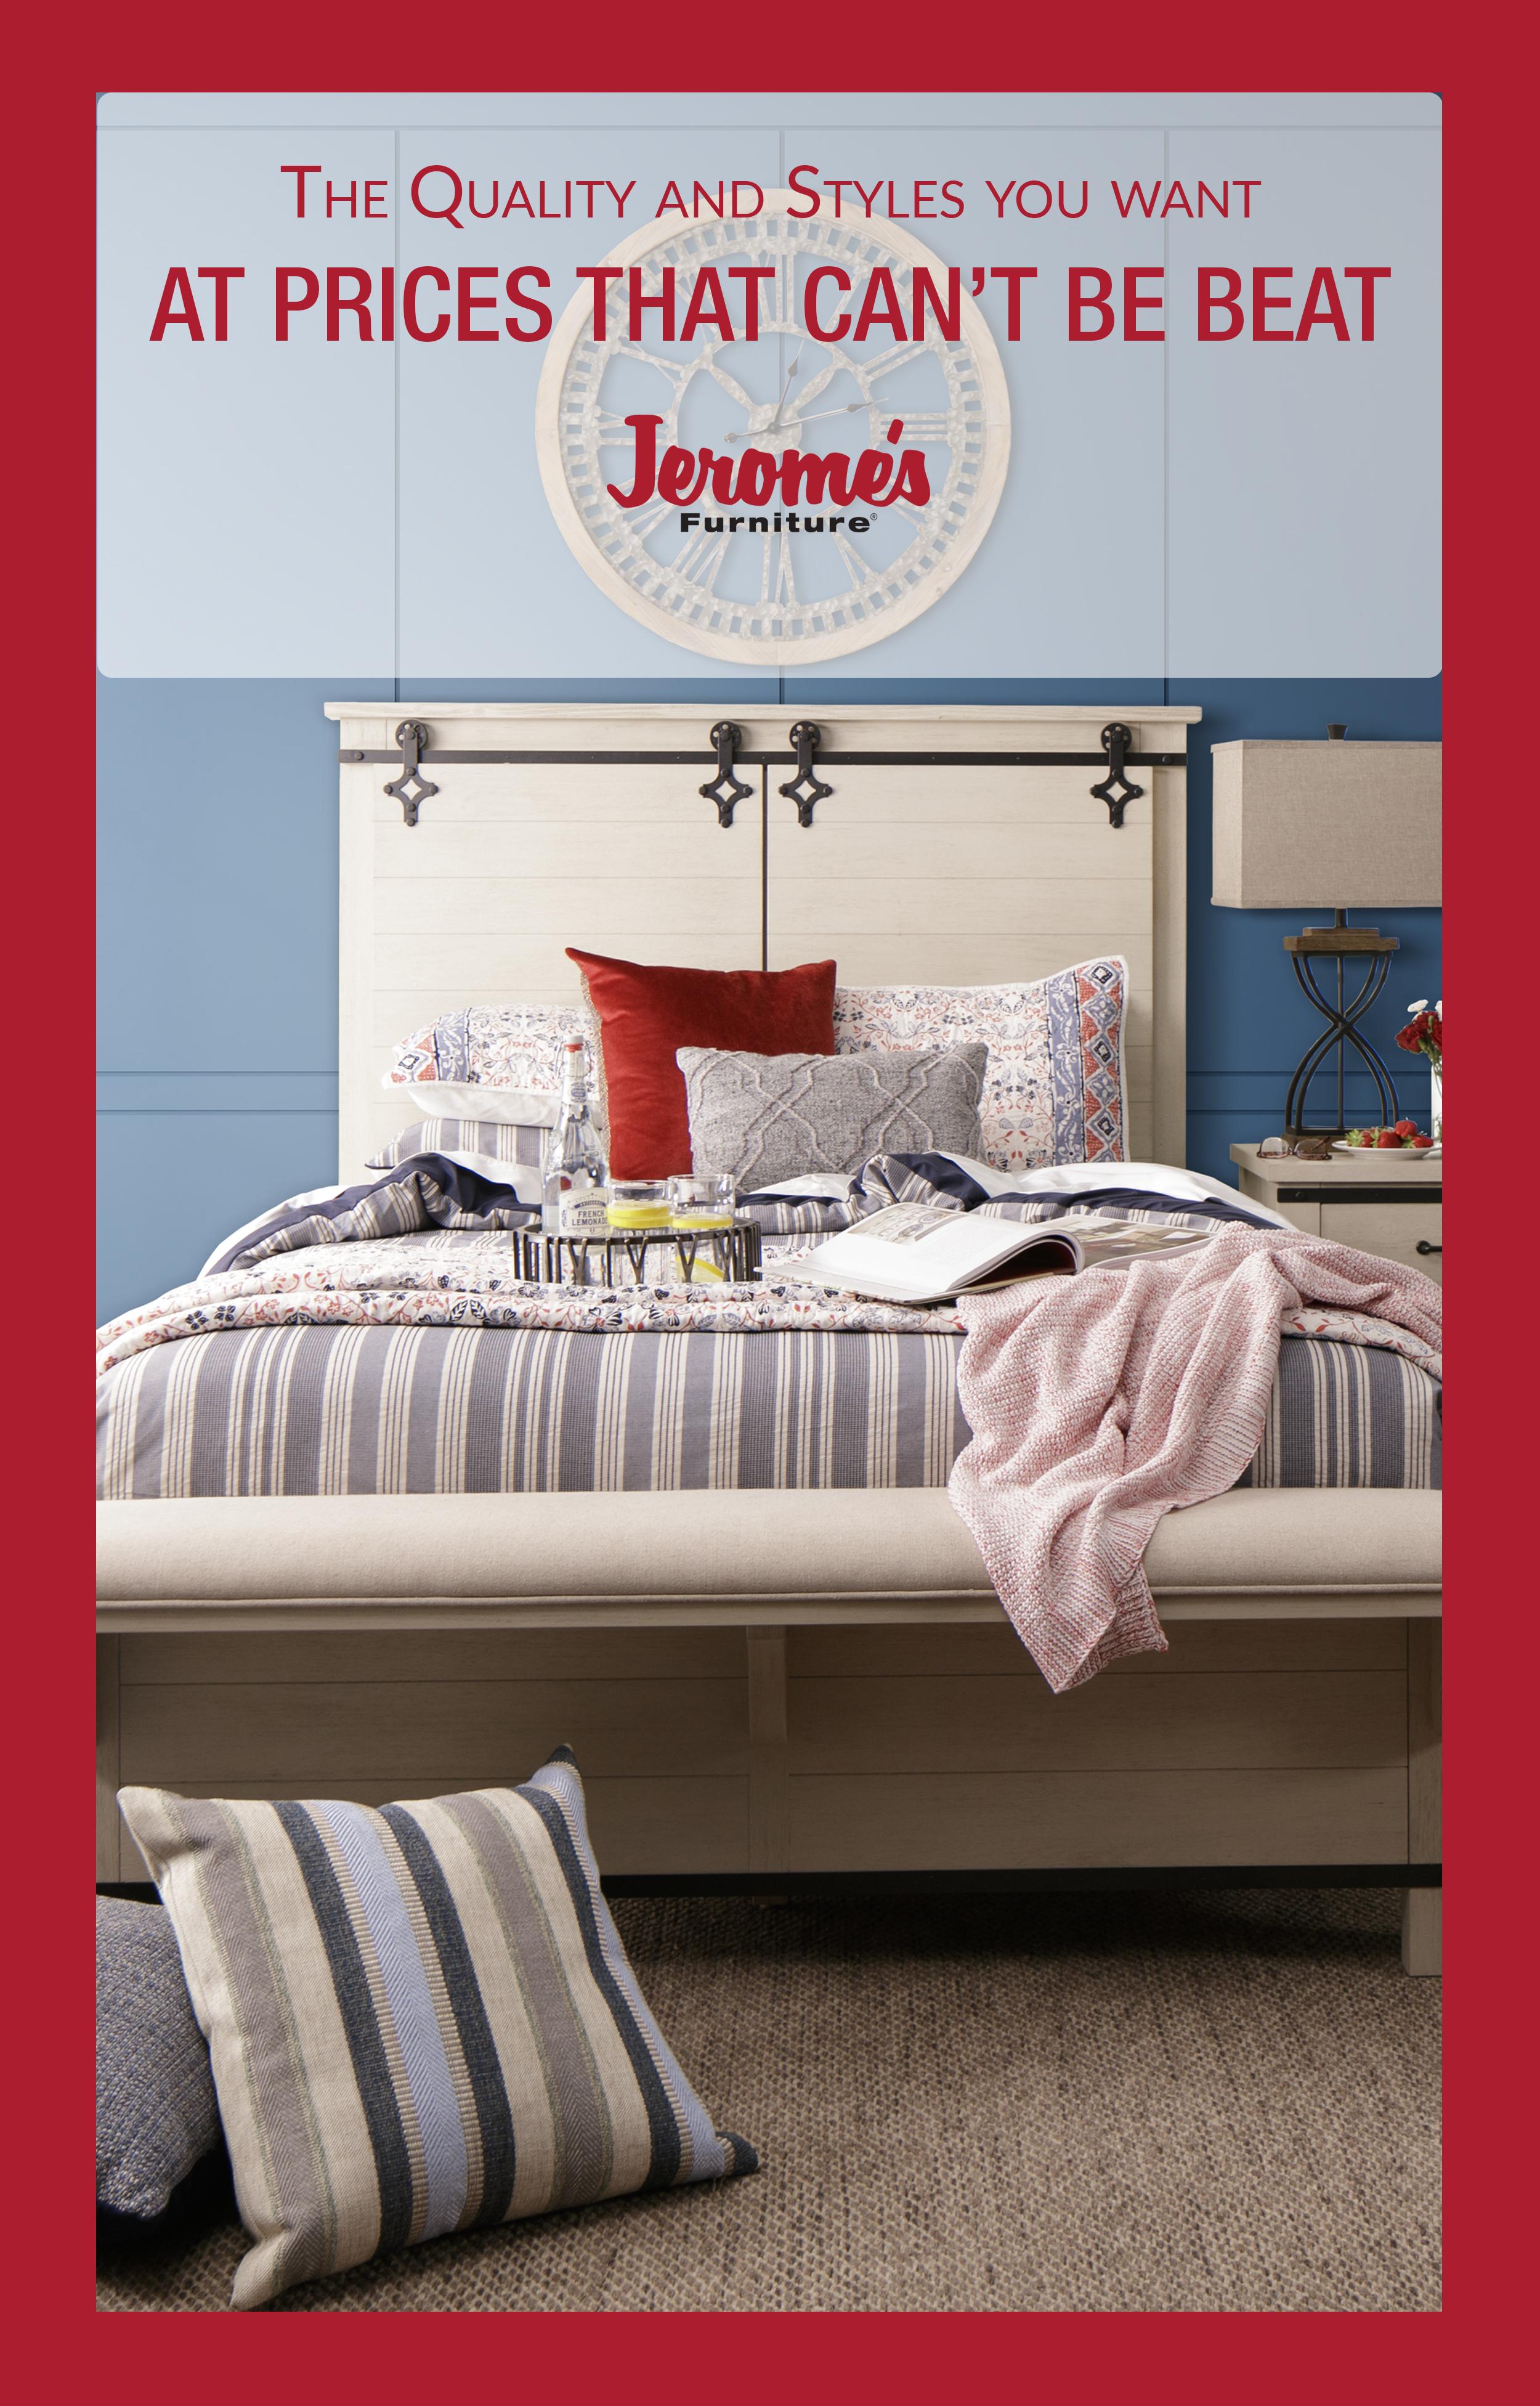 780 Jeromes Queen Bedroom Sets Best HD